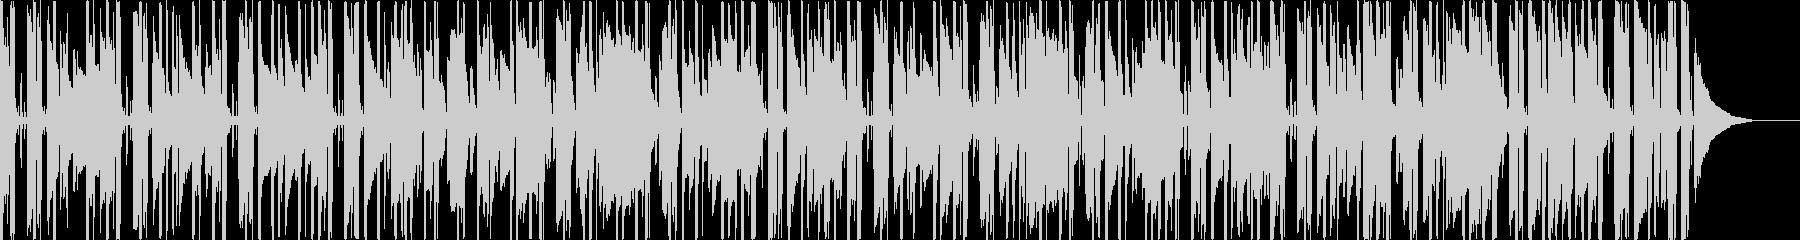 ピアノ+アコギのポジティブなBGMの未再生の波形